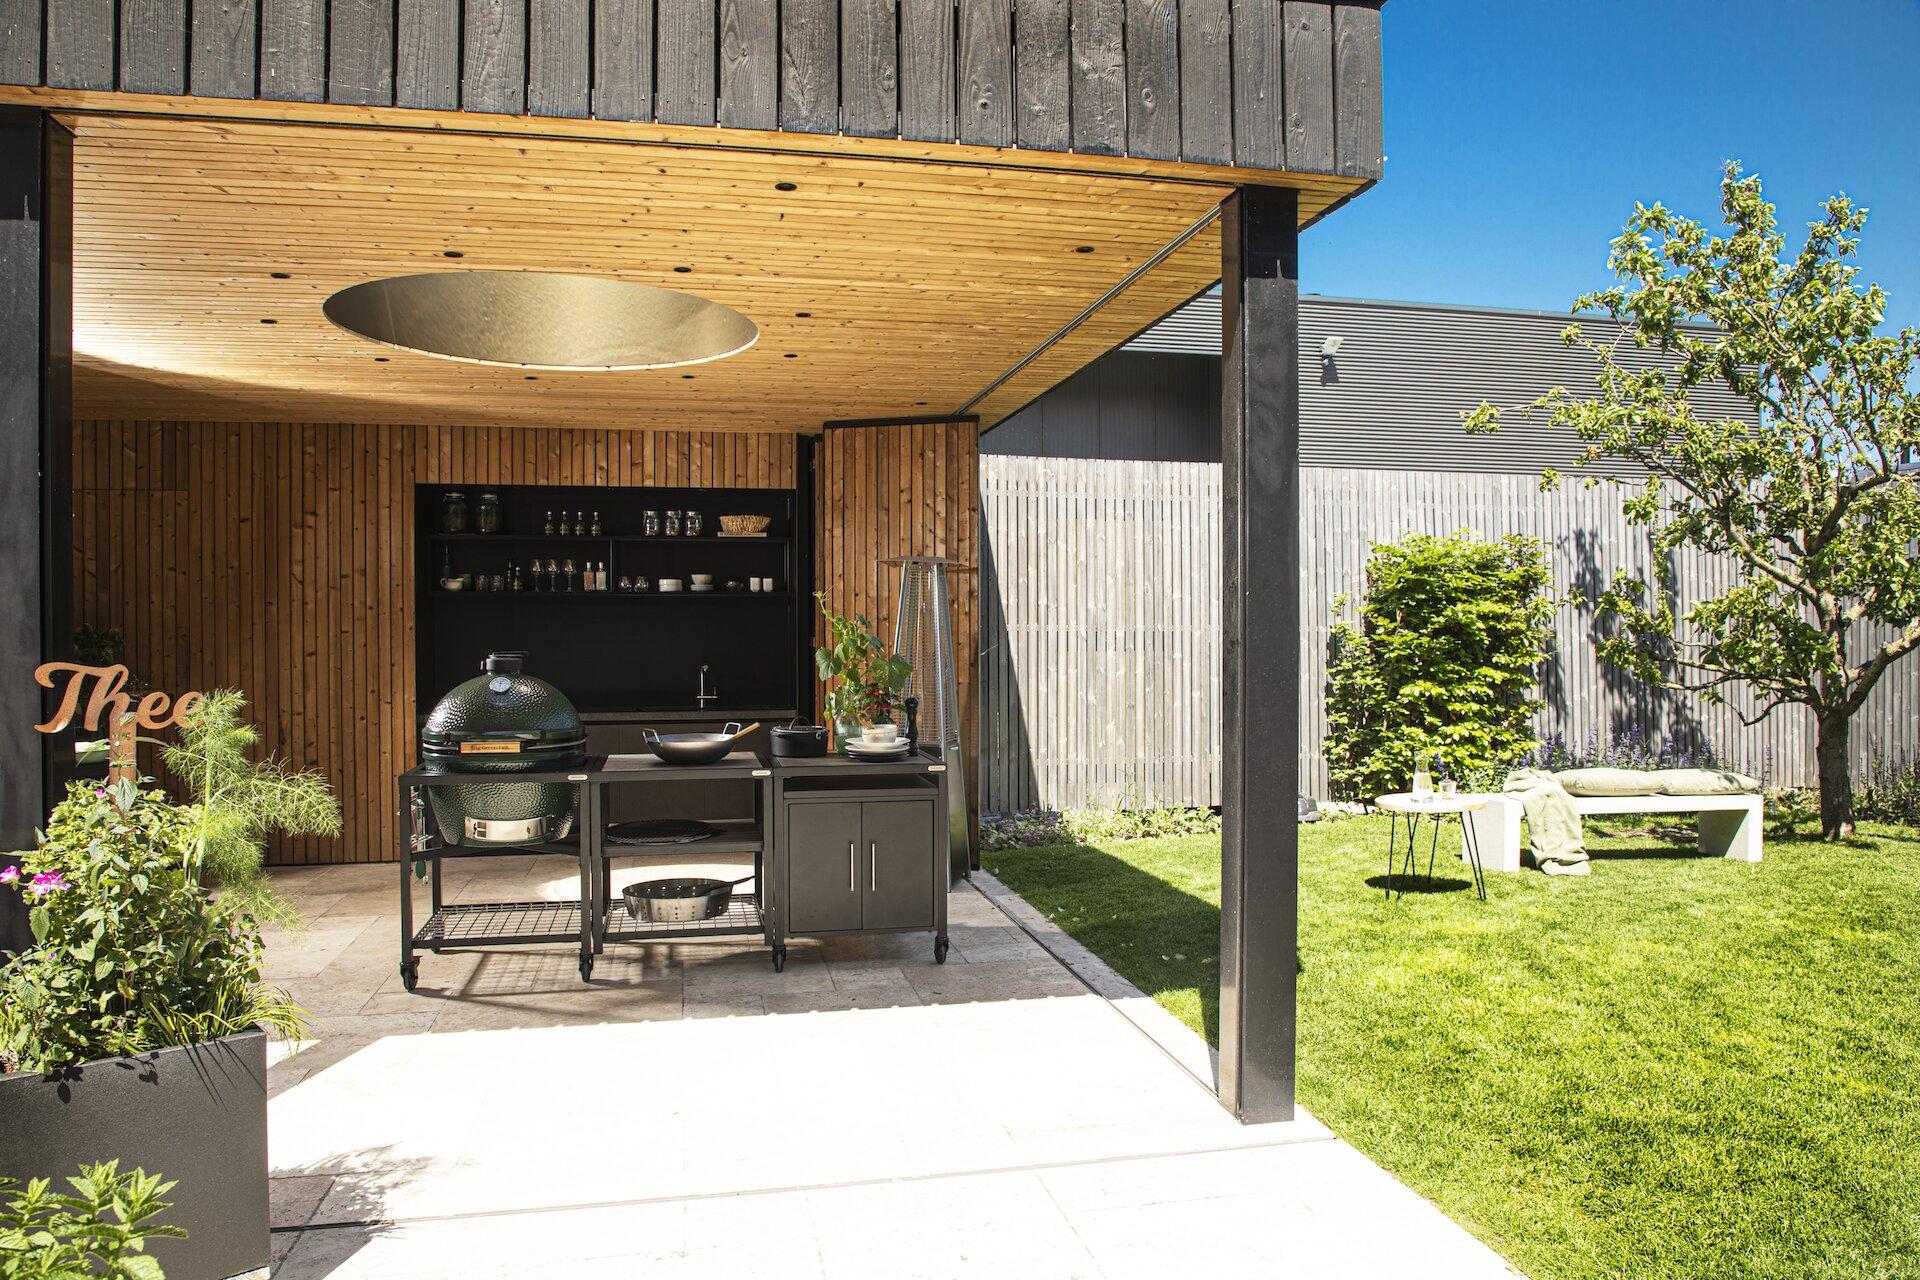 La cocina exterior perfecta para tu Big Green Egg